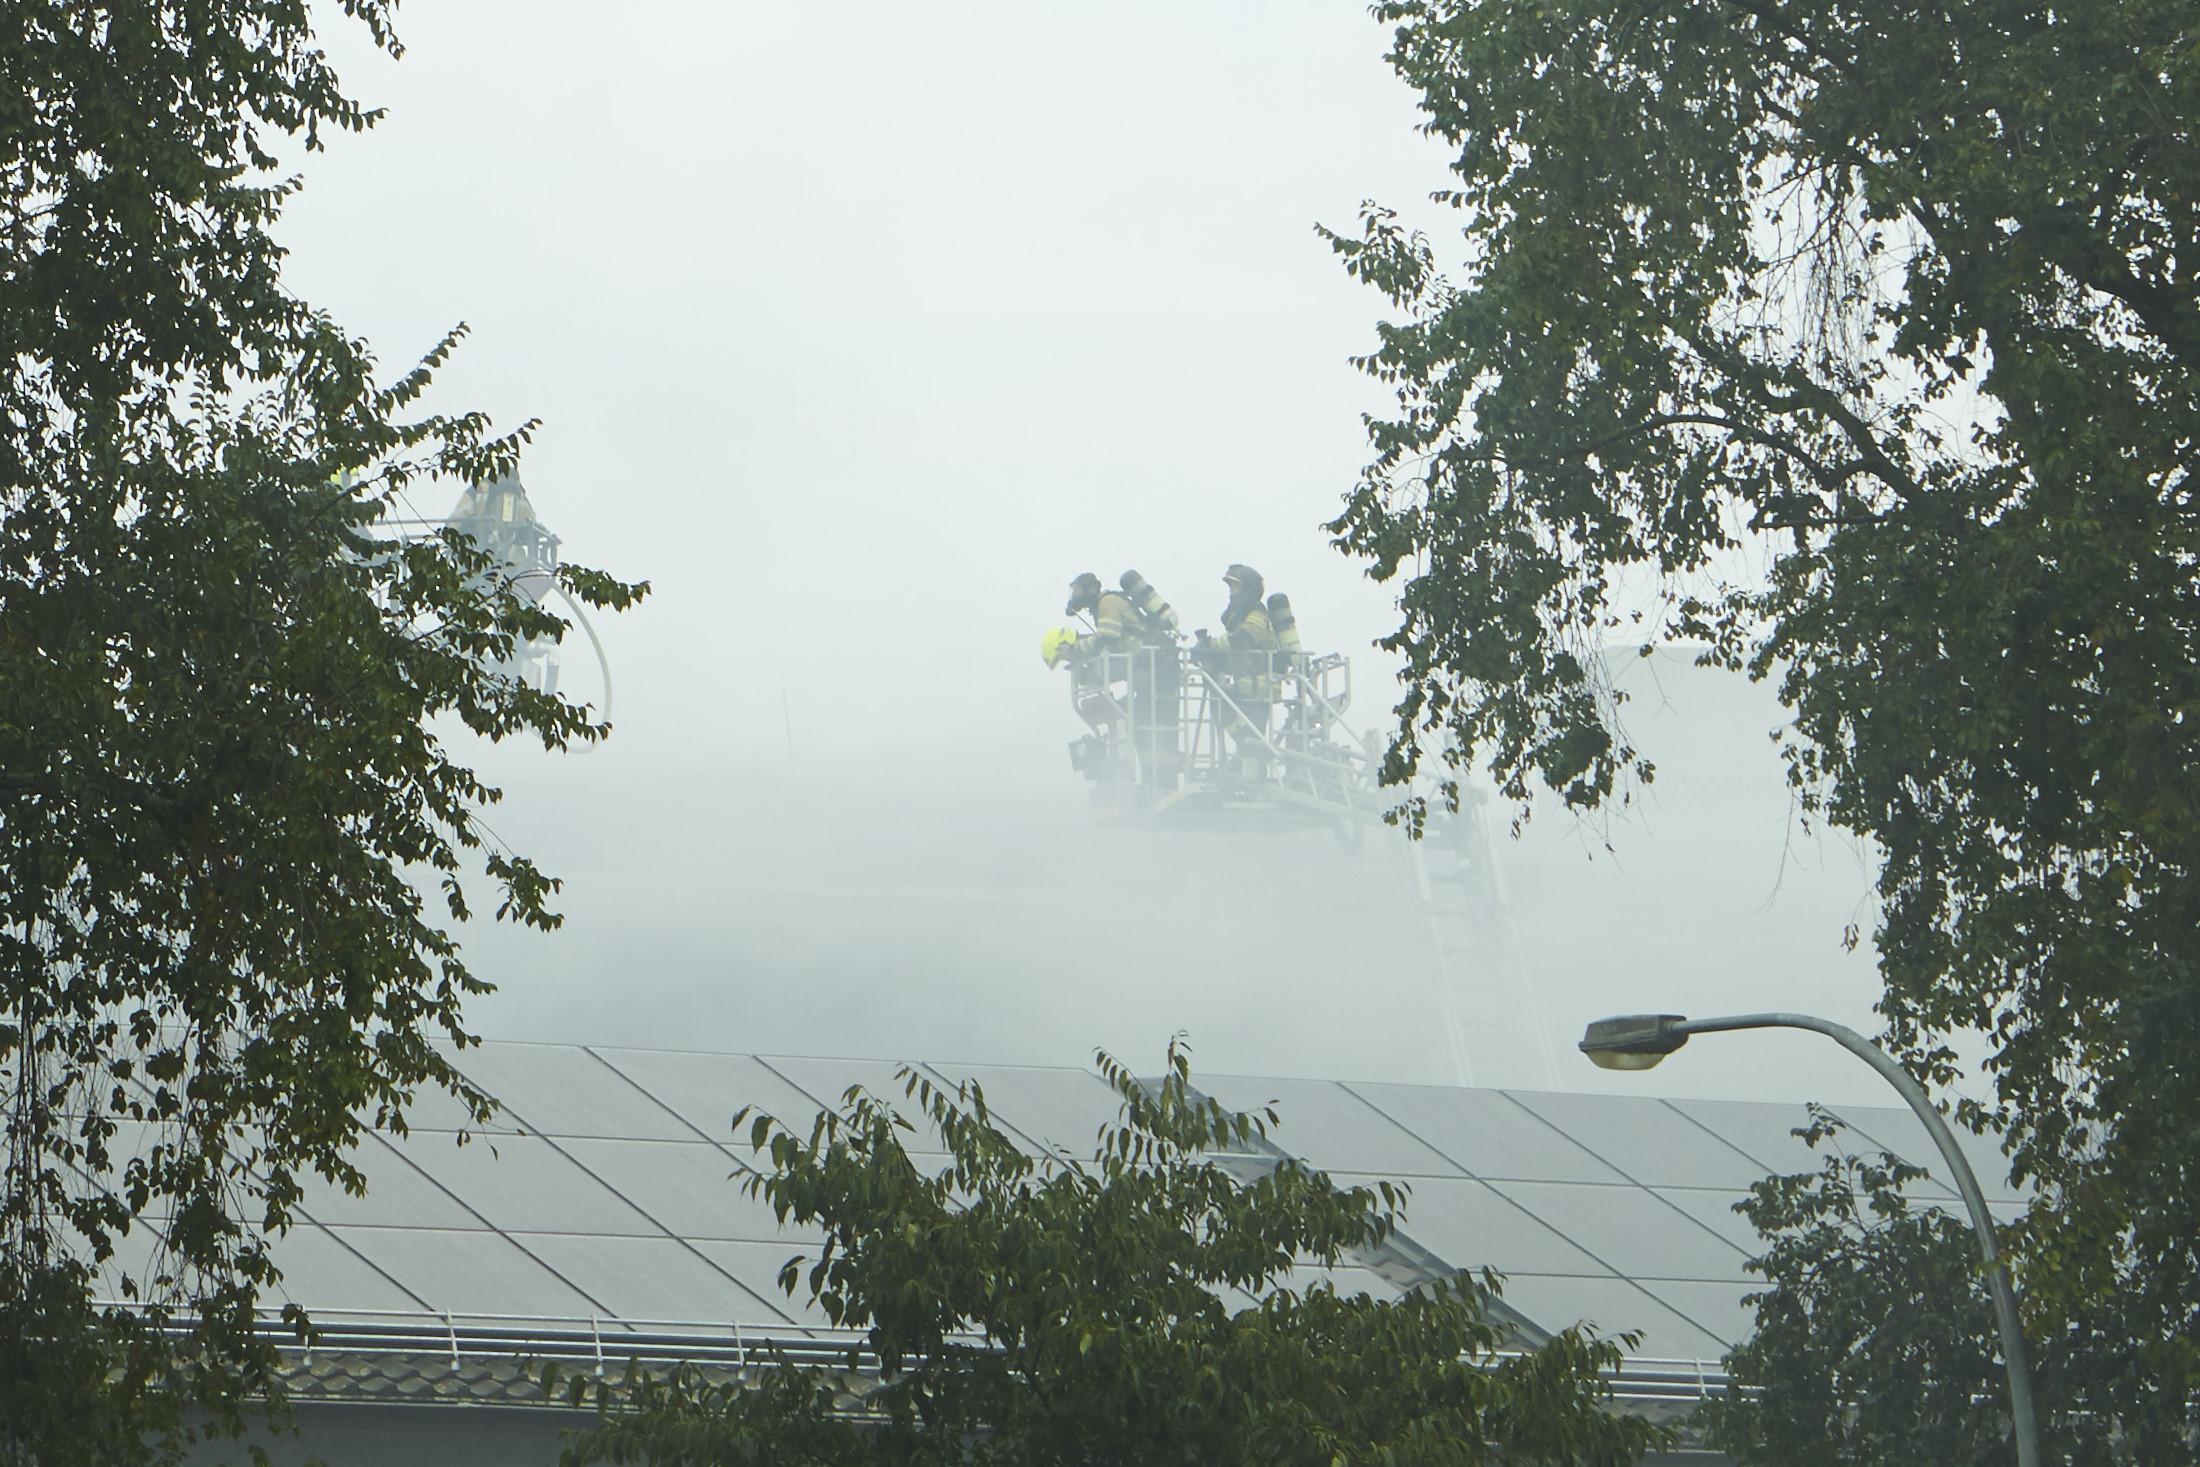 Immer neue Brandherde beschäftigen die Feuerwehr: Einsatz bei der Lagerhalle von Rhenus Logistics.